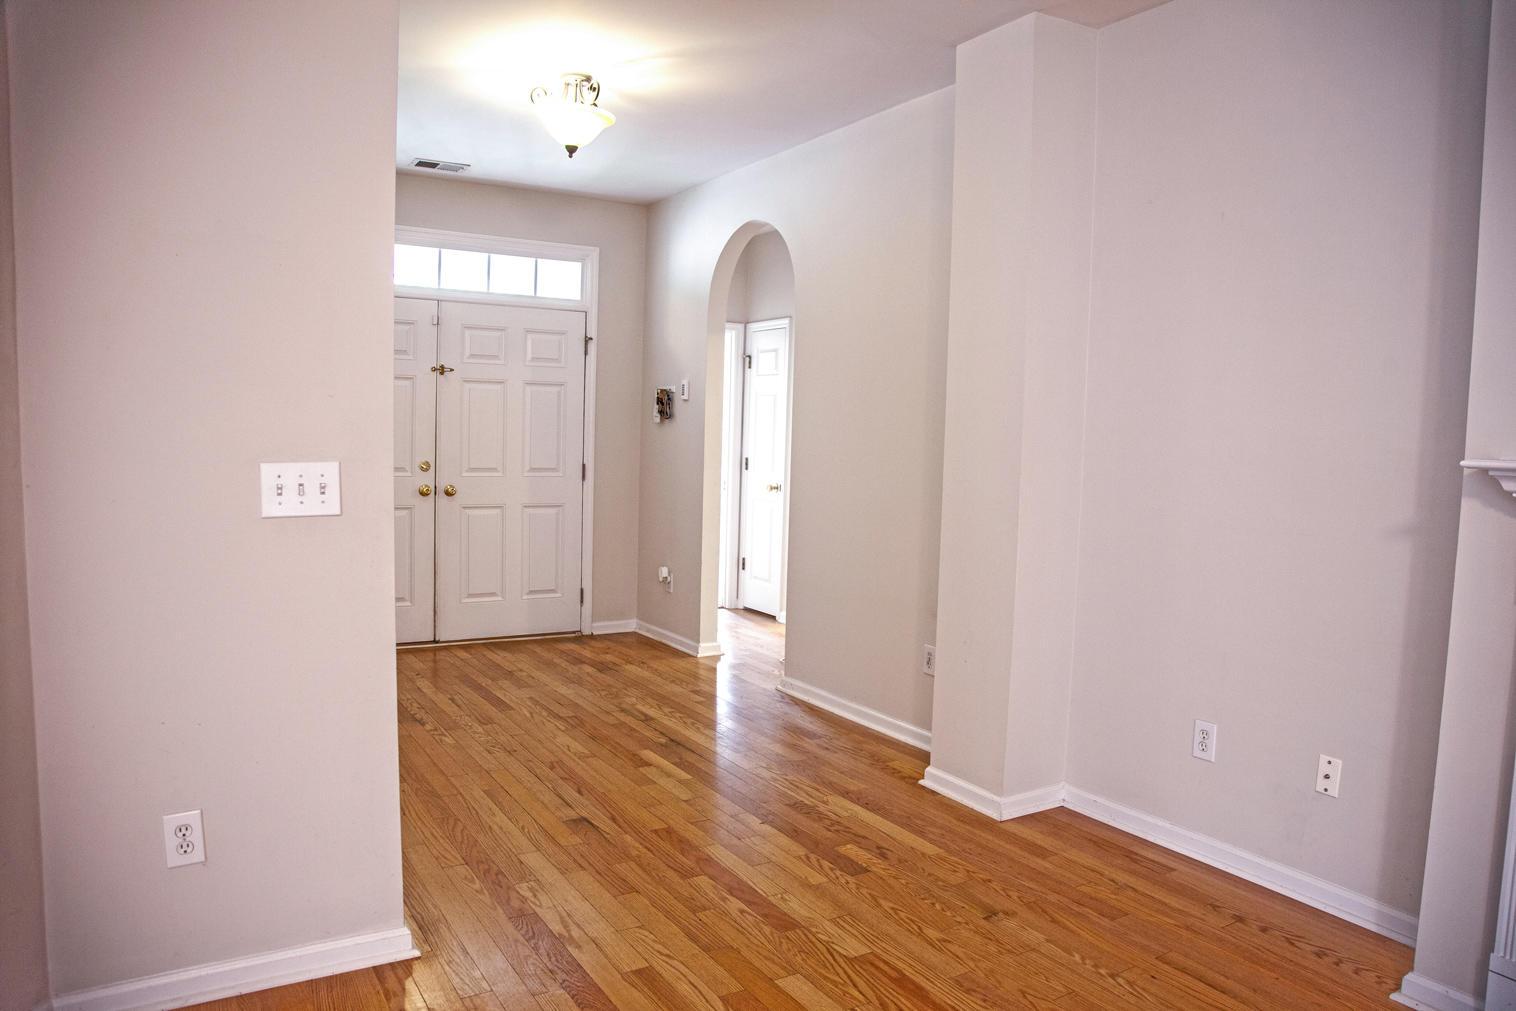 Park West Homes For Sale - 3190 John Bartram Place, Mount Pleasant, SC - 39